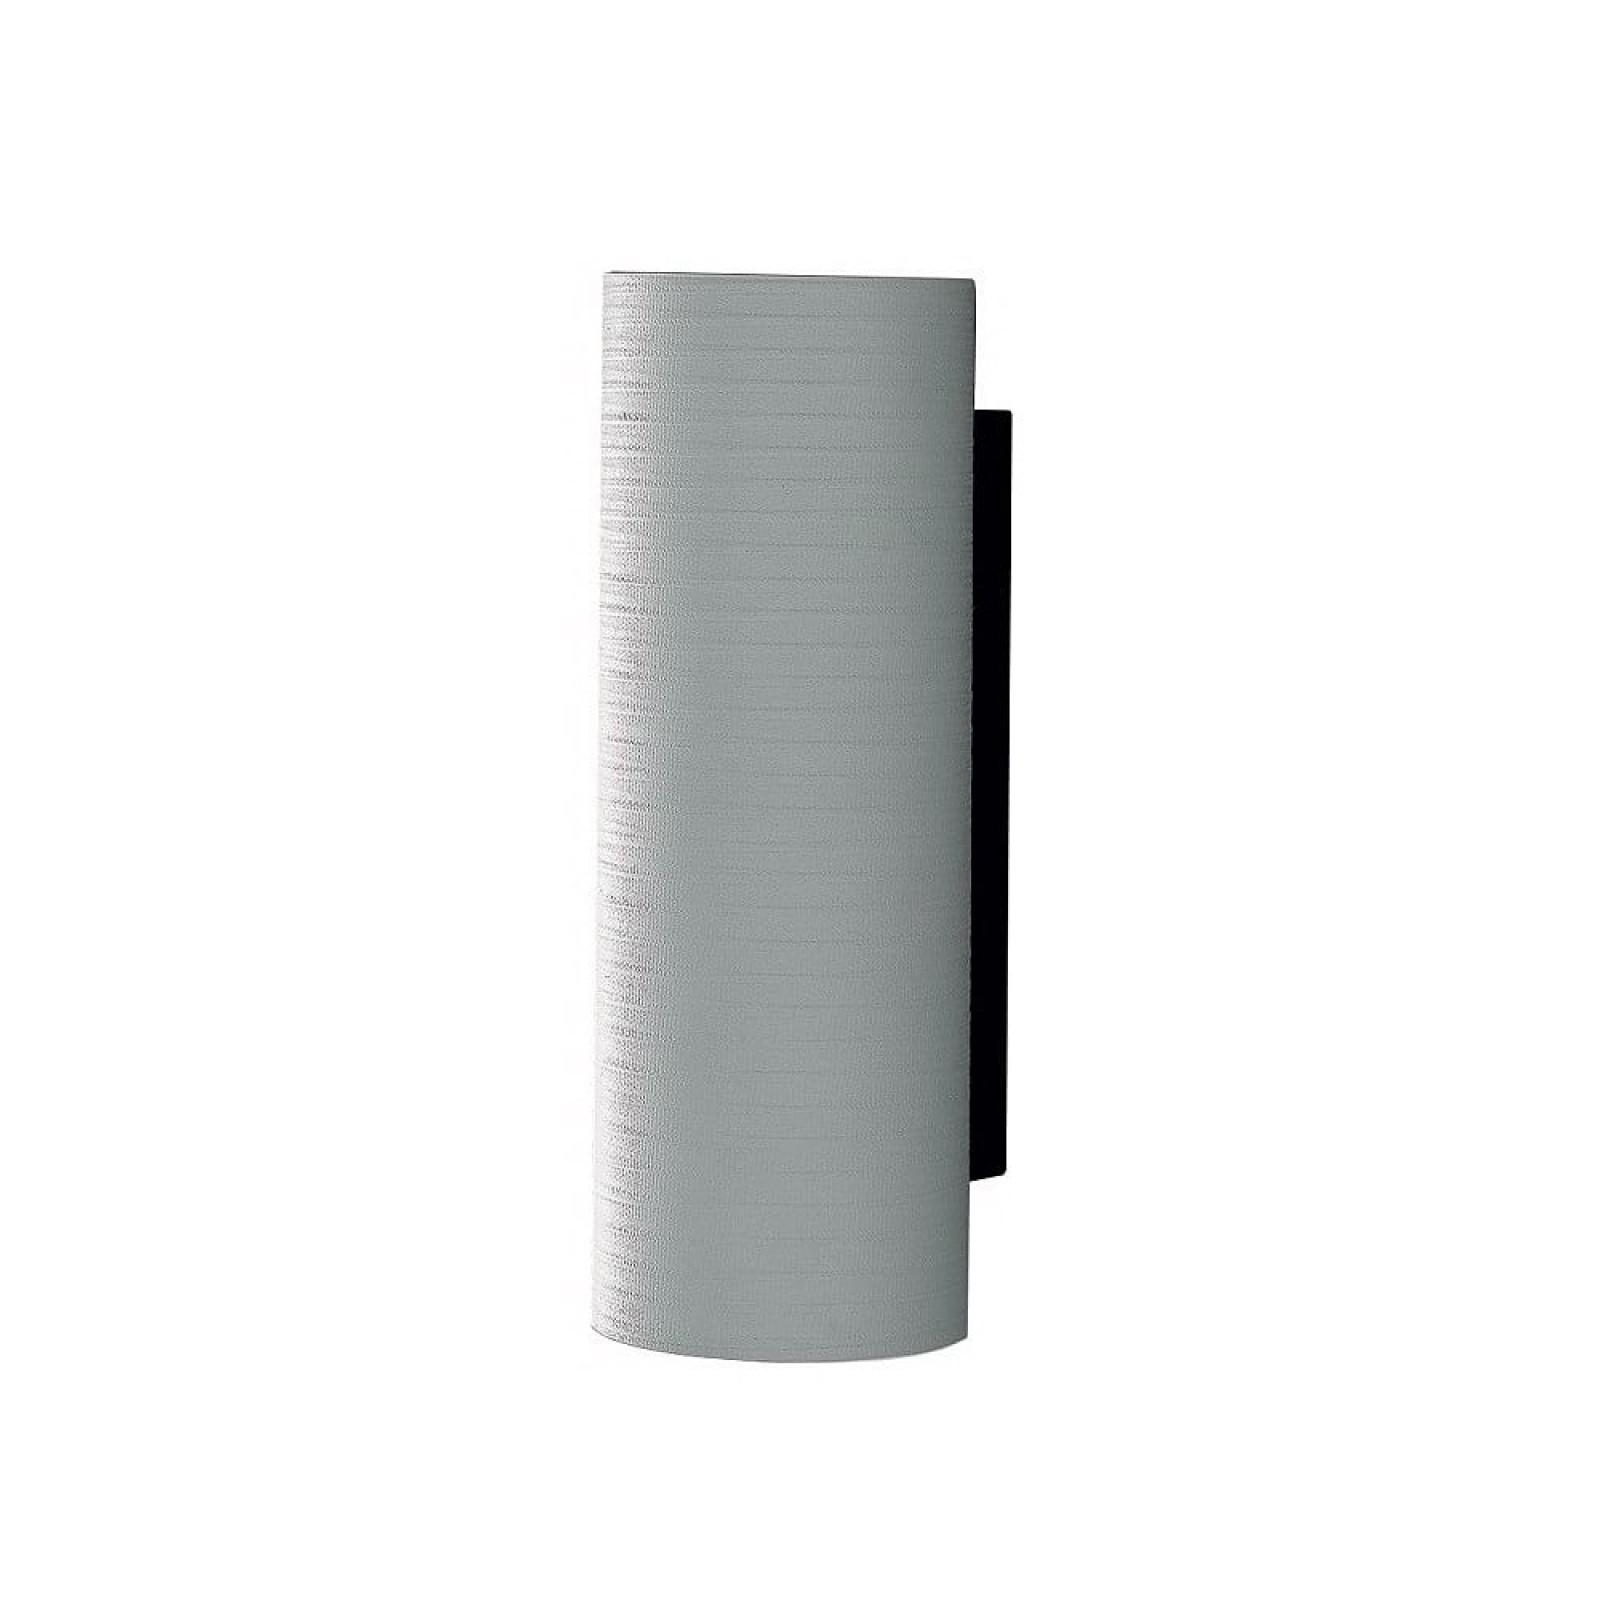 Επιτοίχιο Φωτιστικό Tube - Karboxx